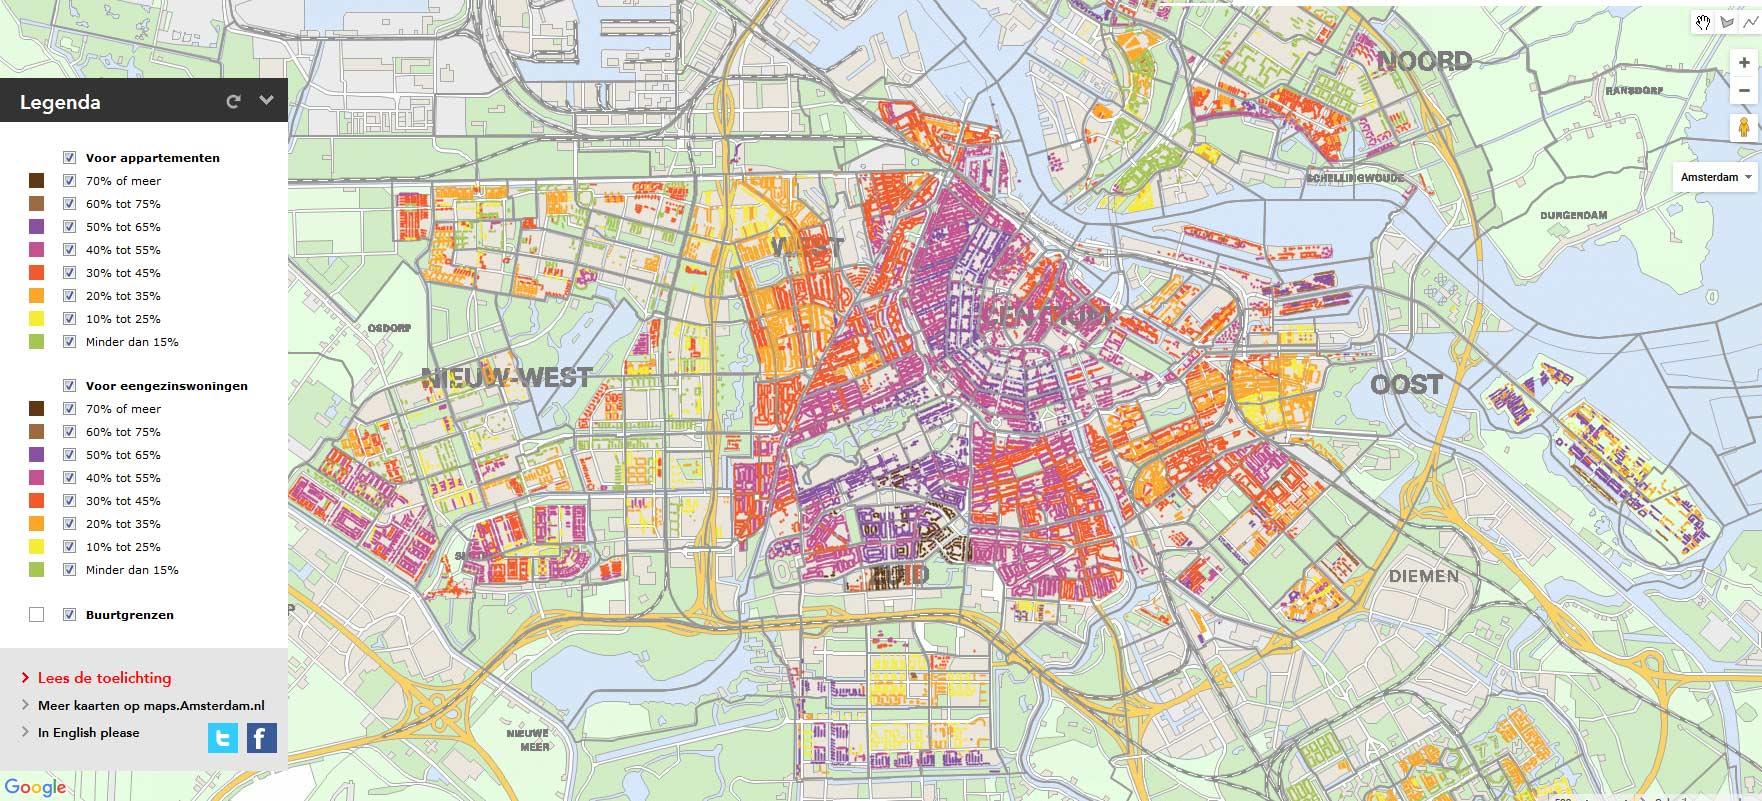 BSQ-Amsterdam